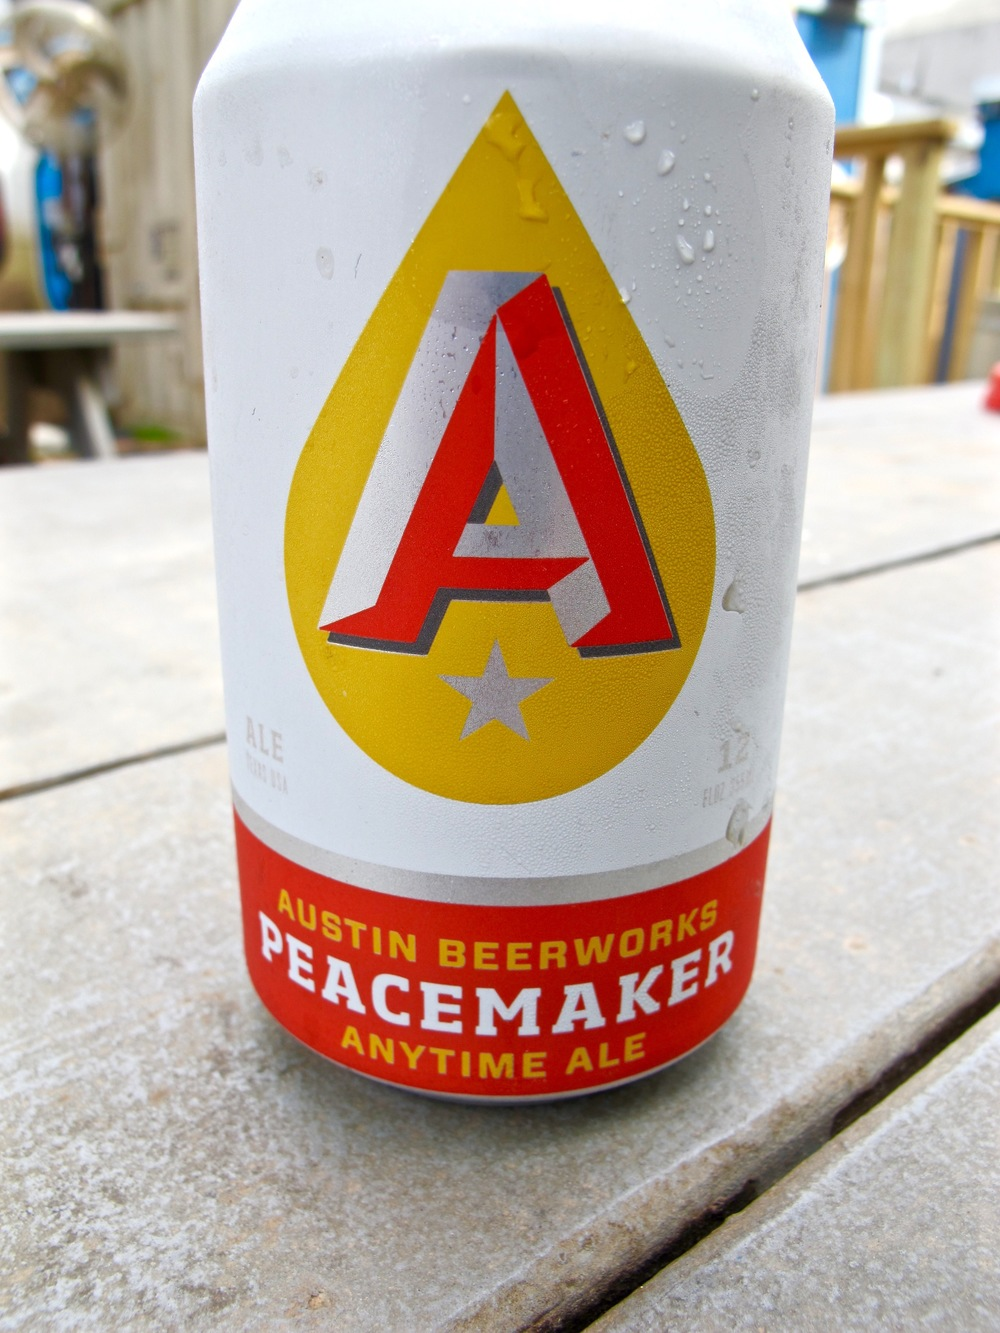 Austin beer